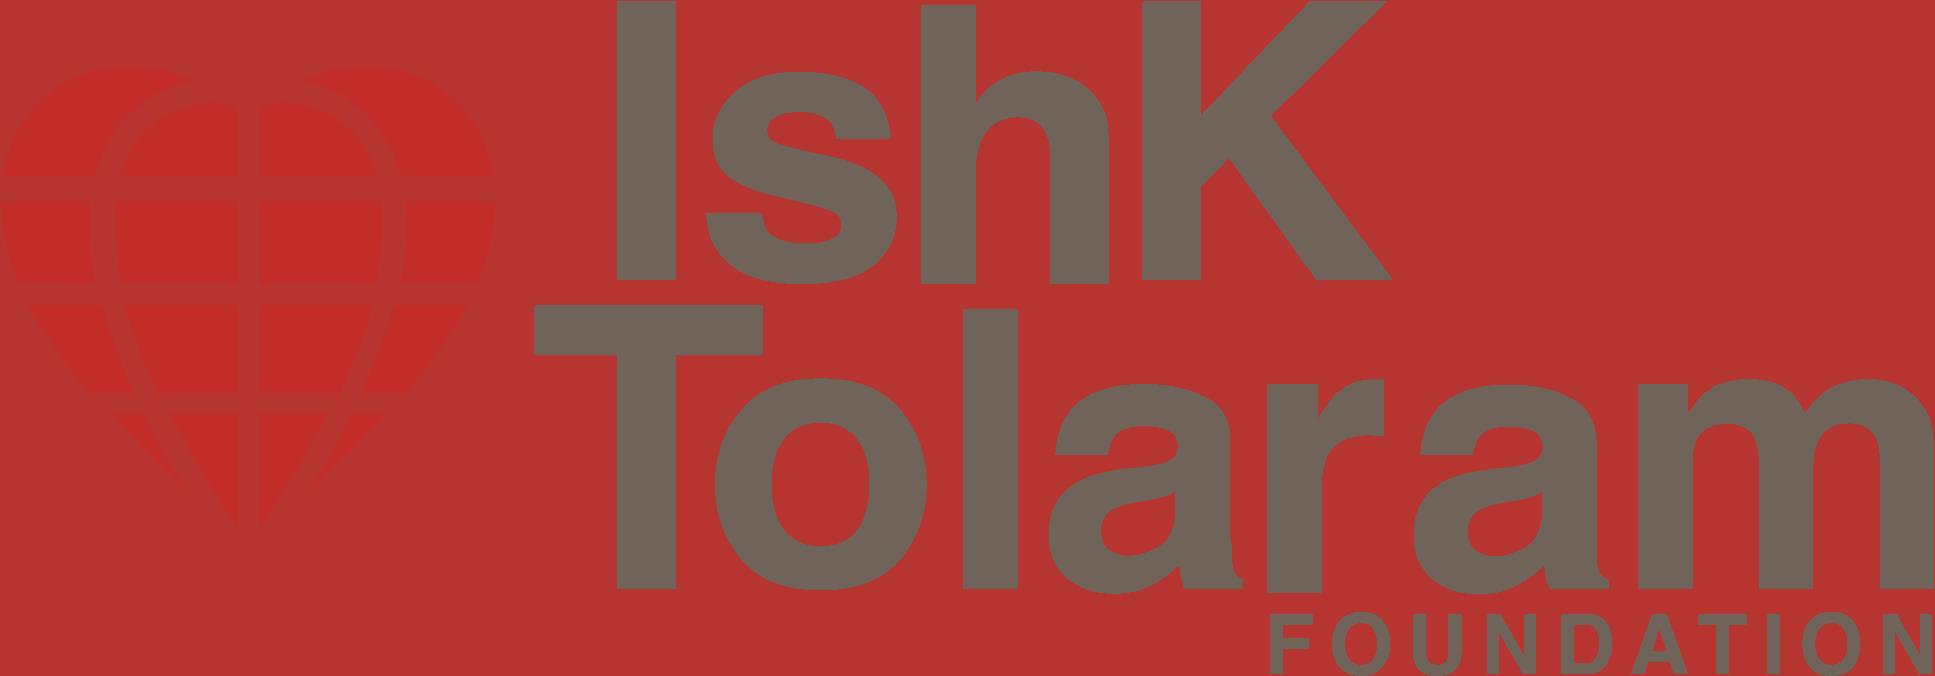 Ishk Tolaram Foundation